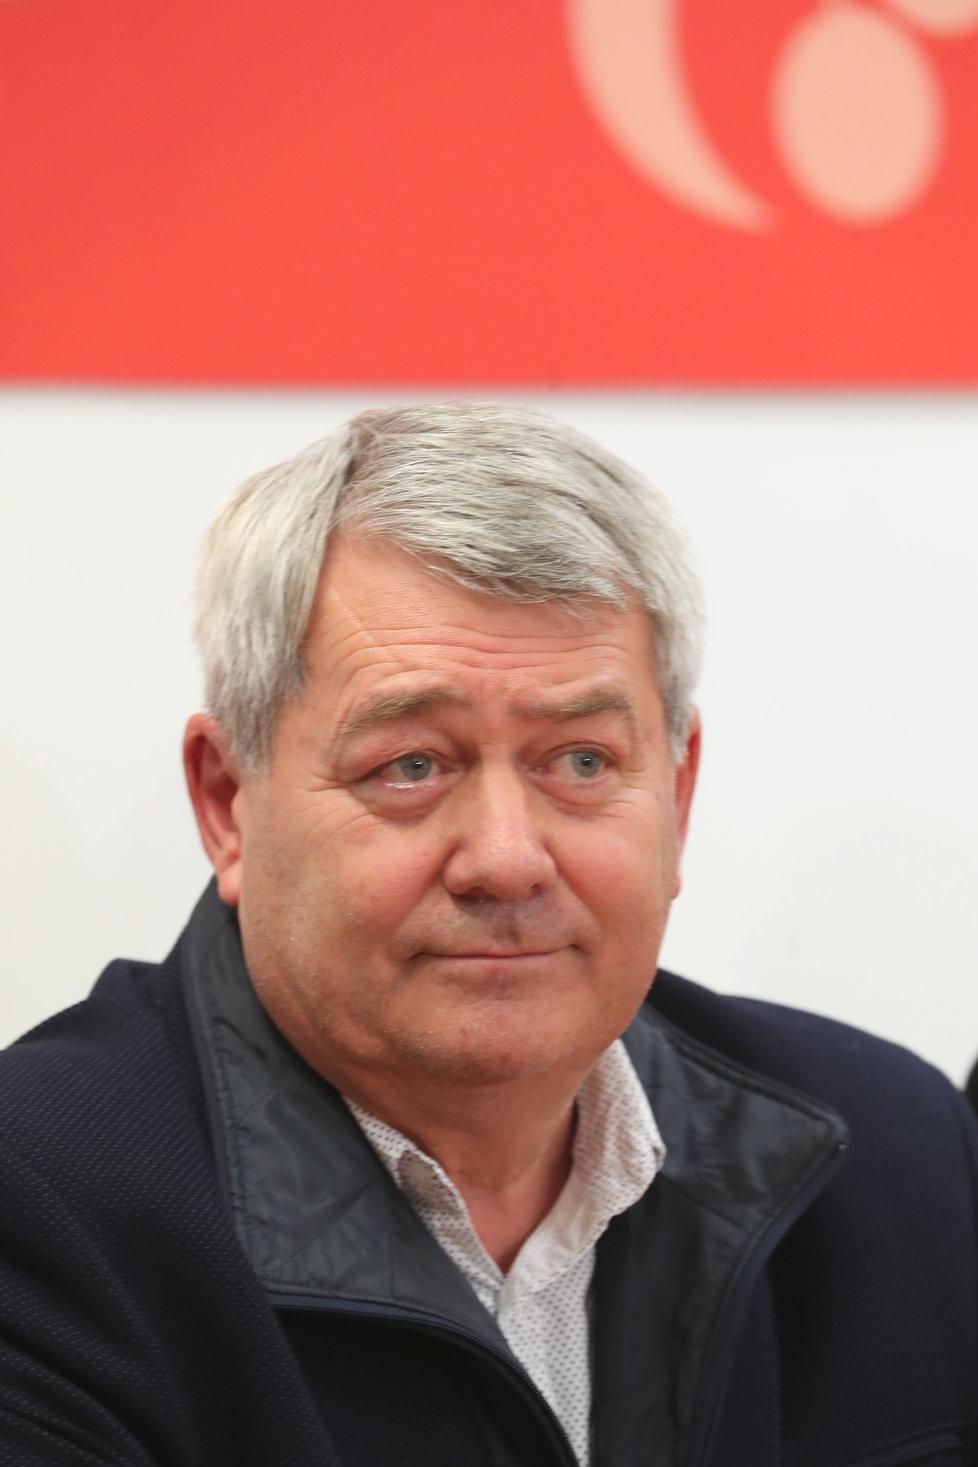 Komunální volby 2018: Předseda KSČM Vojtěch Filip oznámil, že nebude komentovat průběžné výsledky, (6.10.2018).